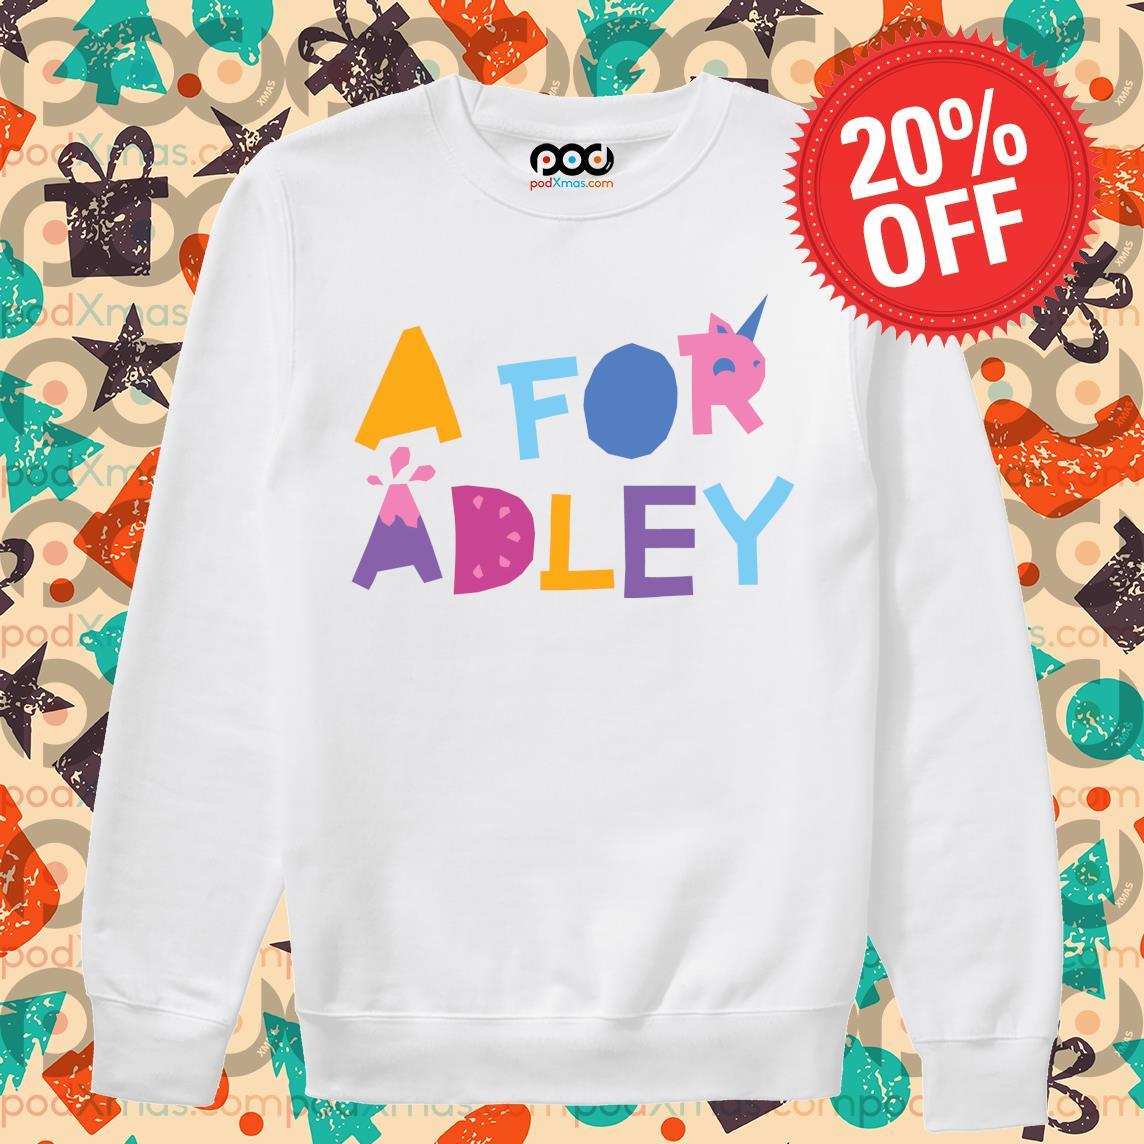 A for Adley s Sweater PODxmas trang